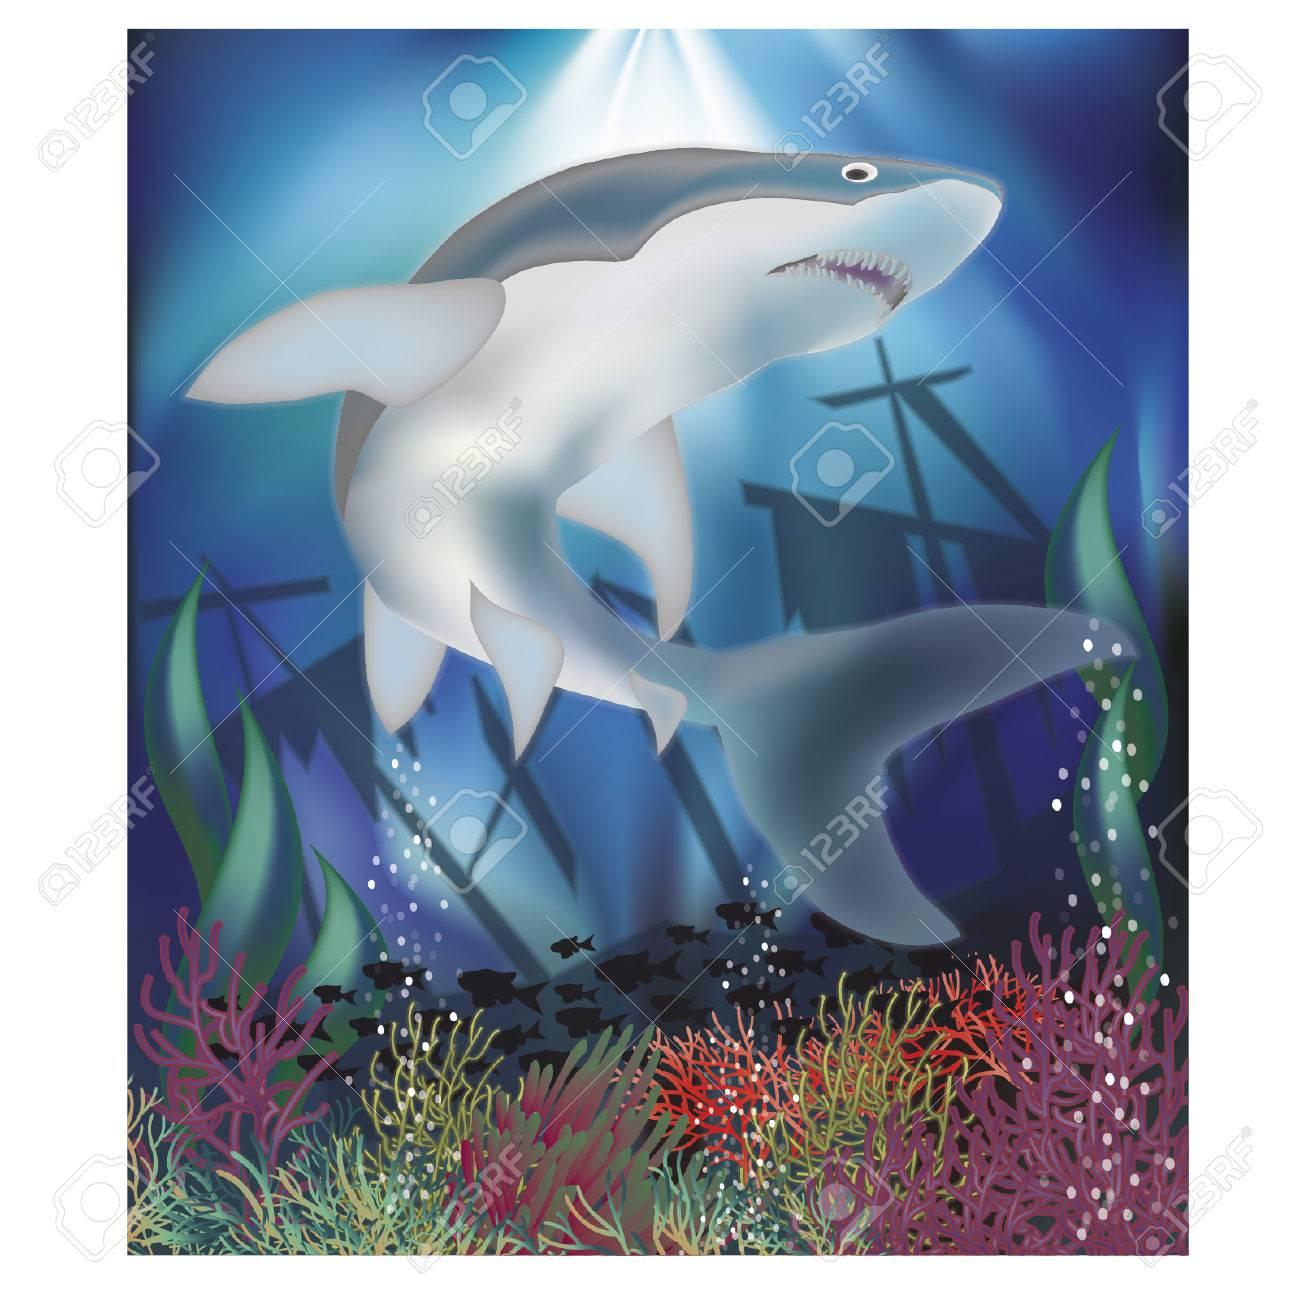 サメ イラストで水中壁紙のイラスト素材 ベクタ Image 58944352